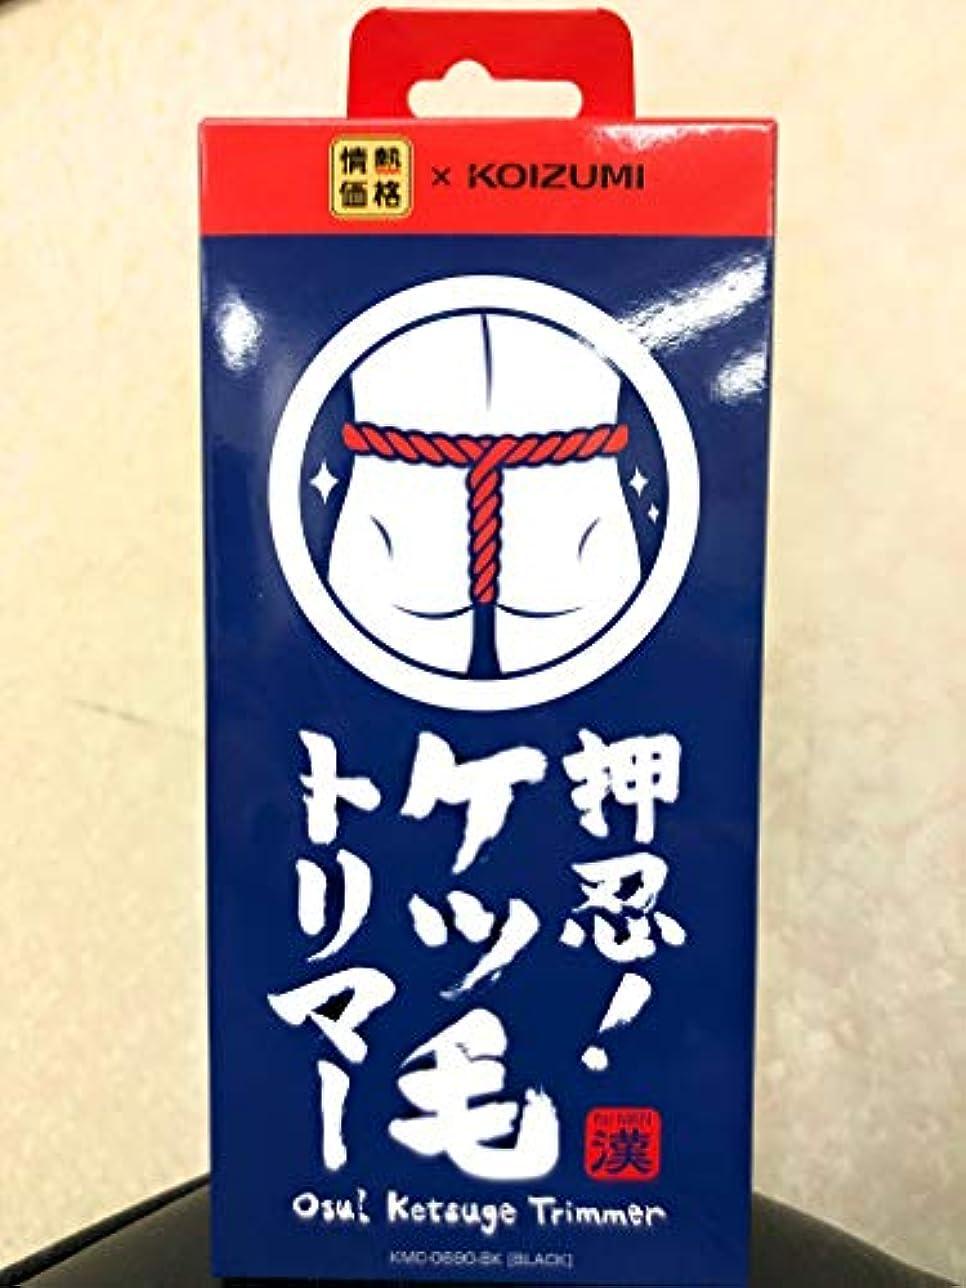 ストライド満足させる尽きるKOIZUMI 押忍!ケツ毛トリマー LEDライト搭載 KMC-0690-BK for MEN